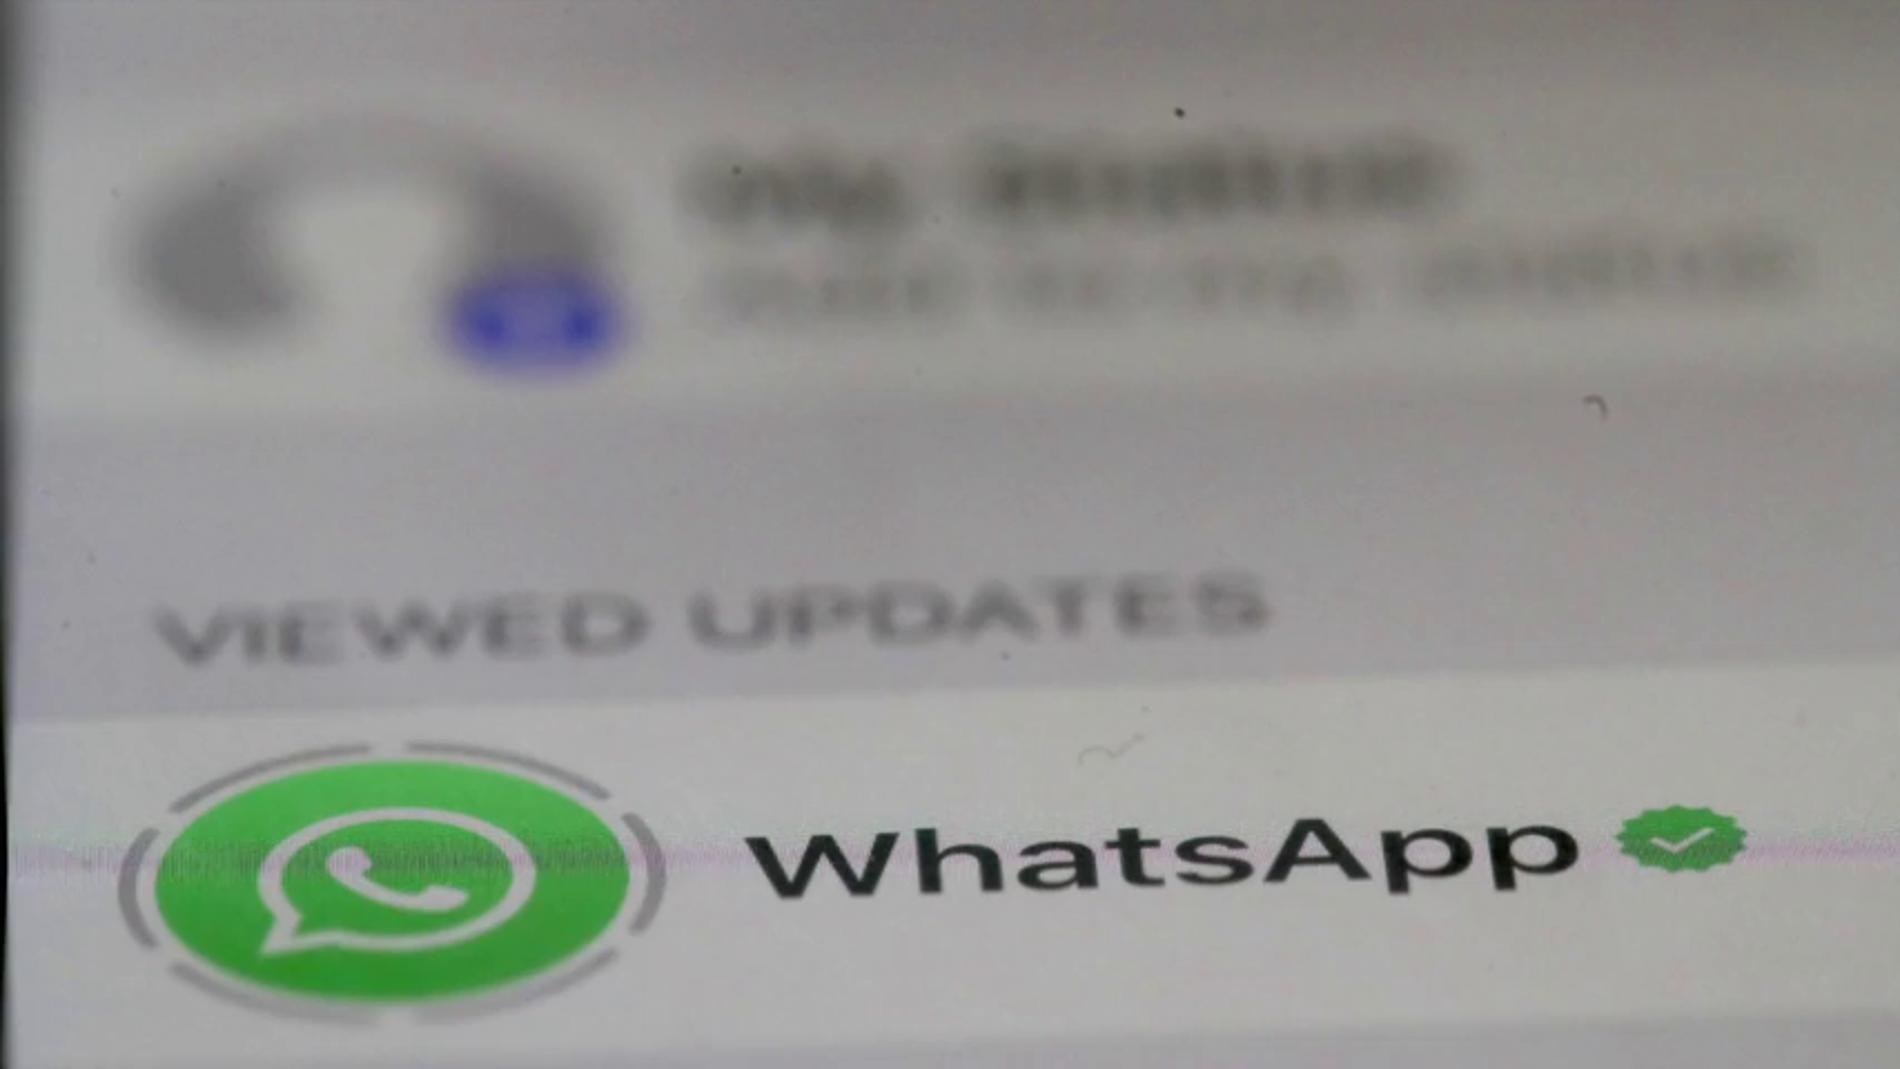 Whatsapp dejará de funcionar en estos móviles a partir de 2020